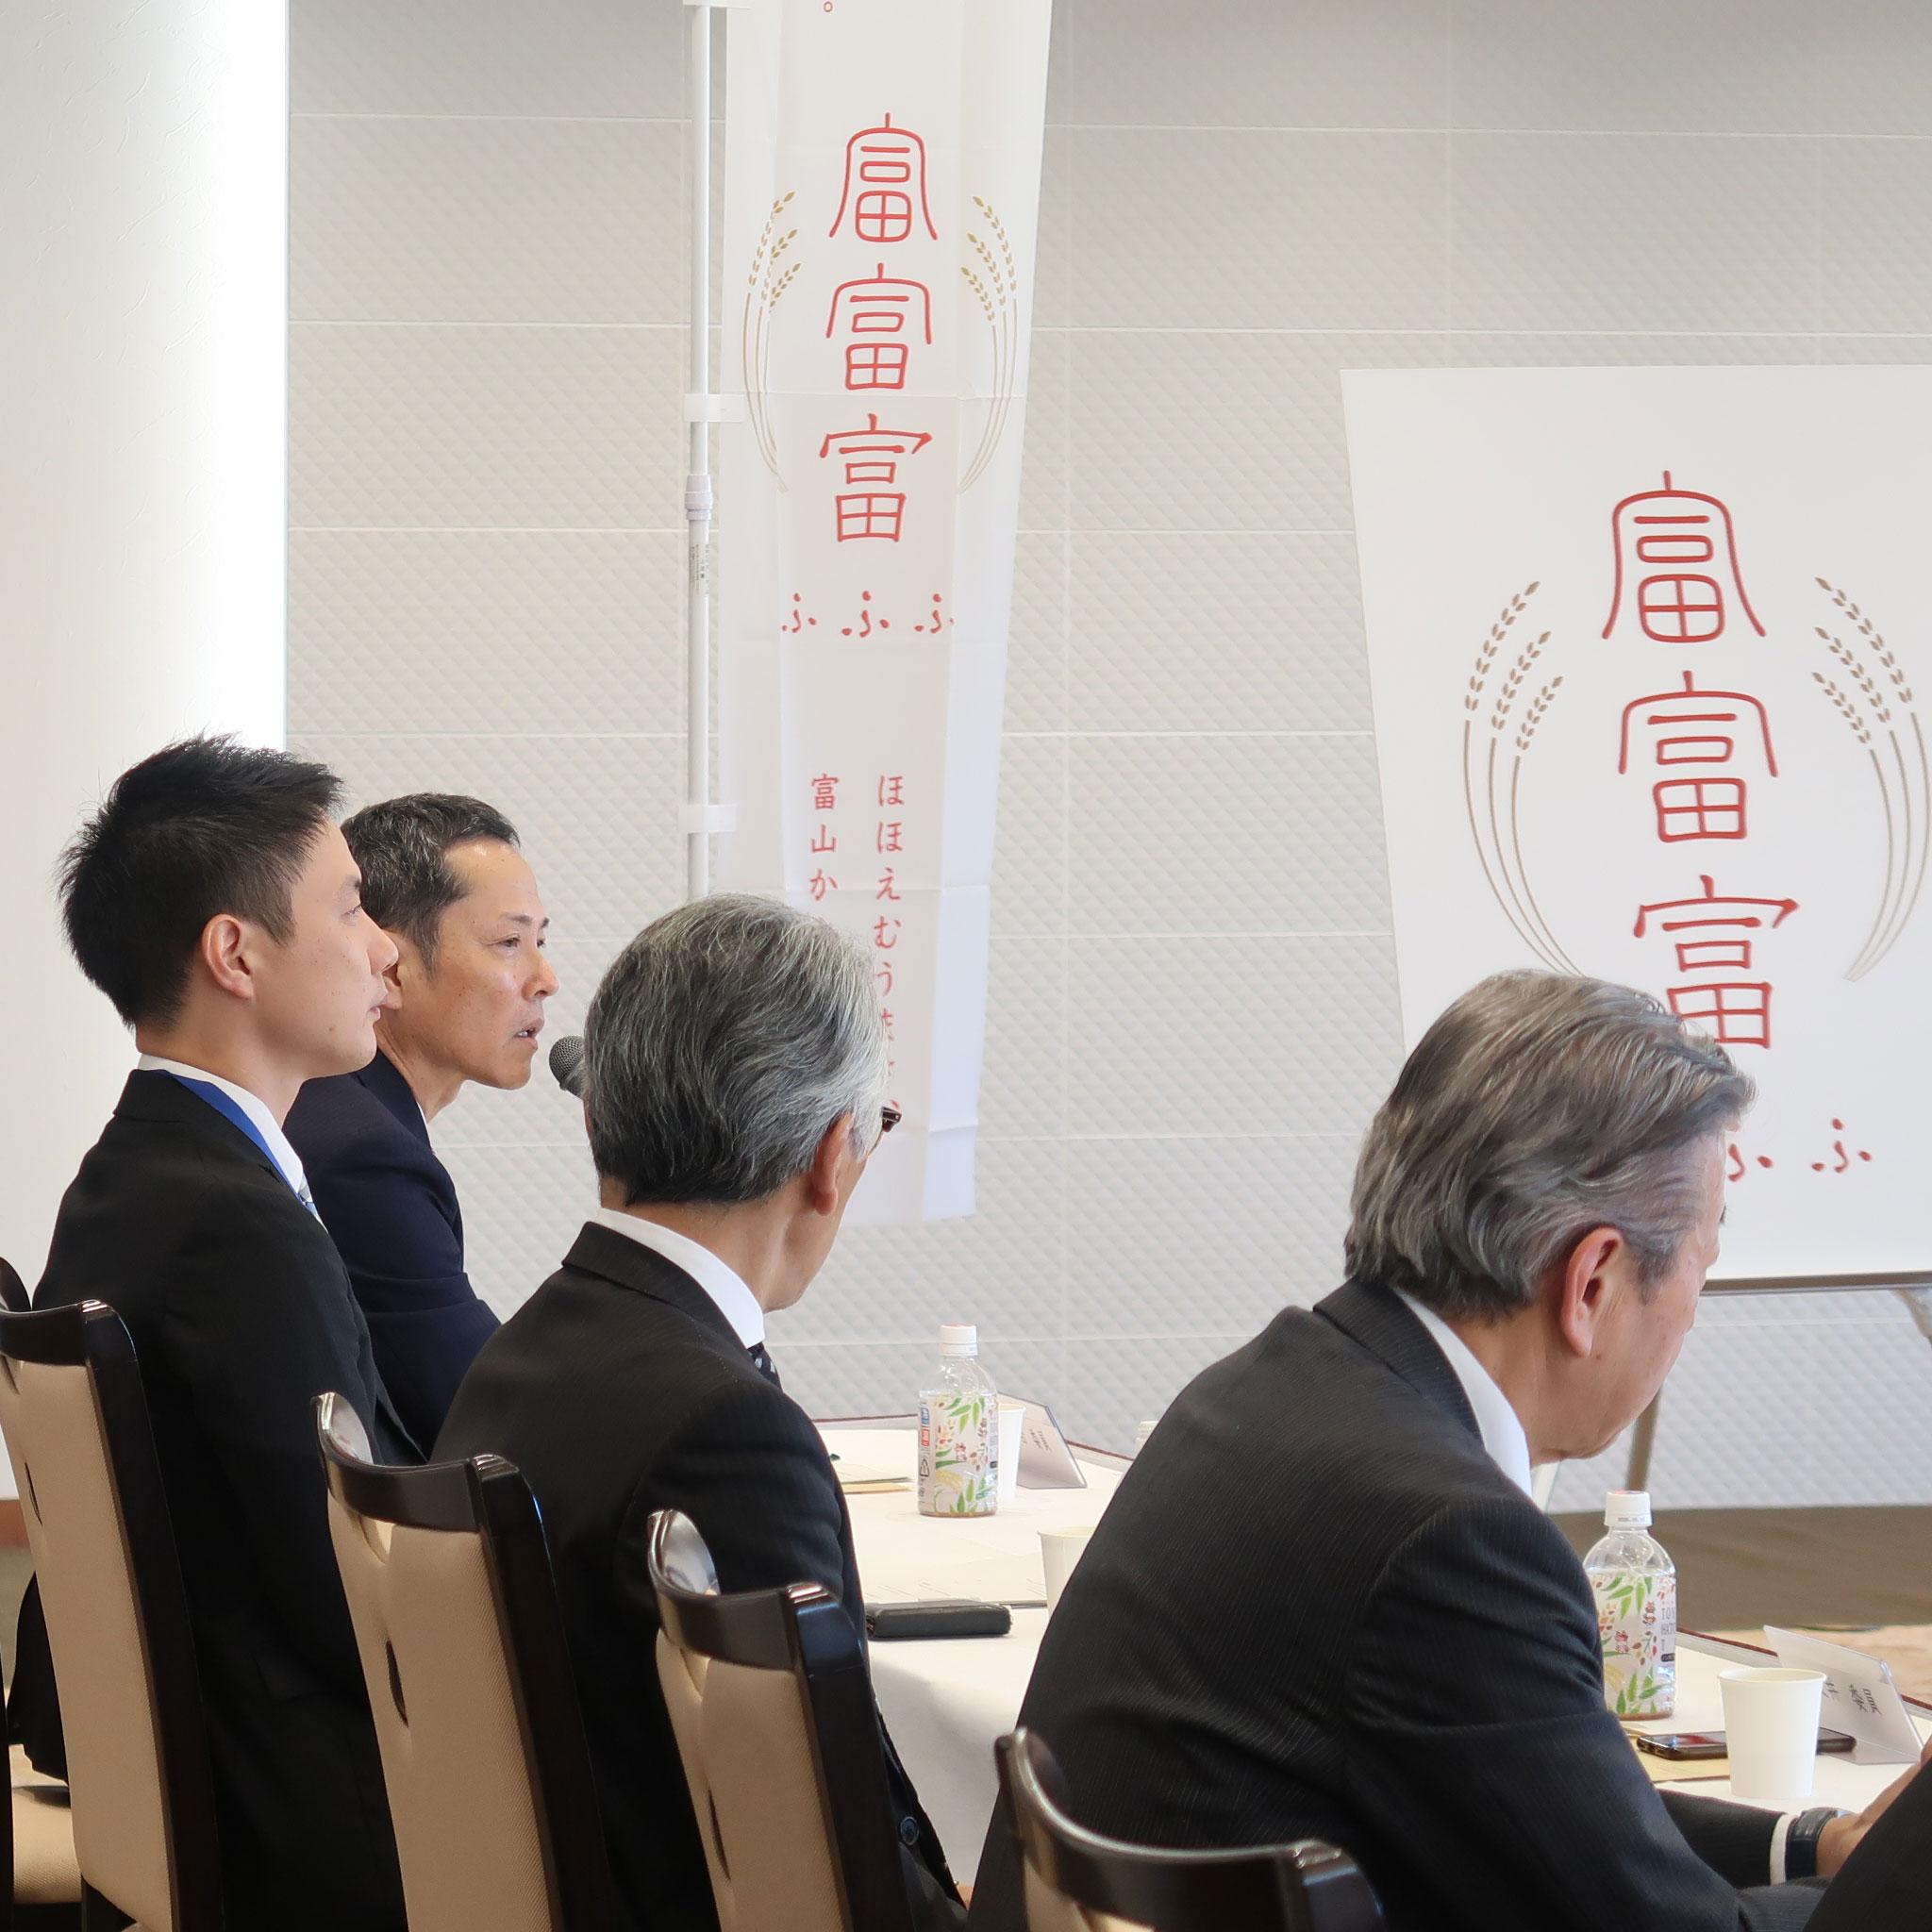 令和元年度第2回「富富富」戦略推進会議が開催されました。